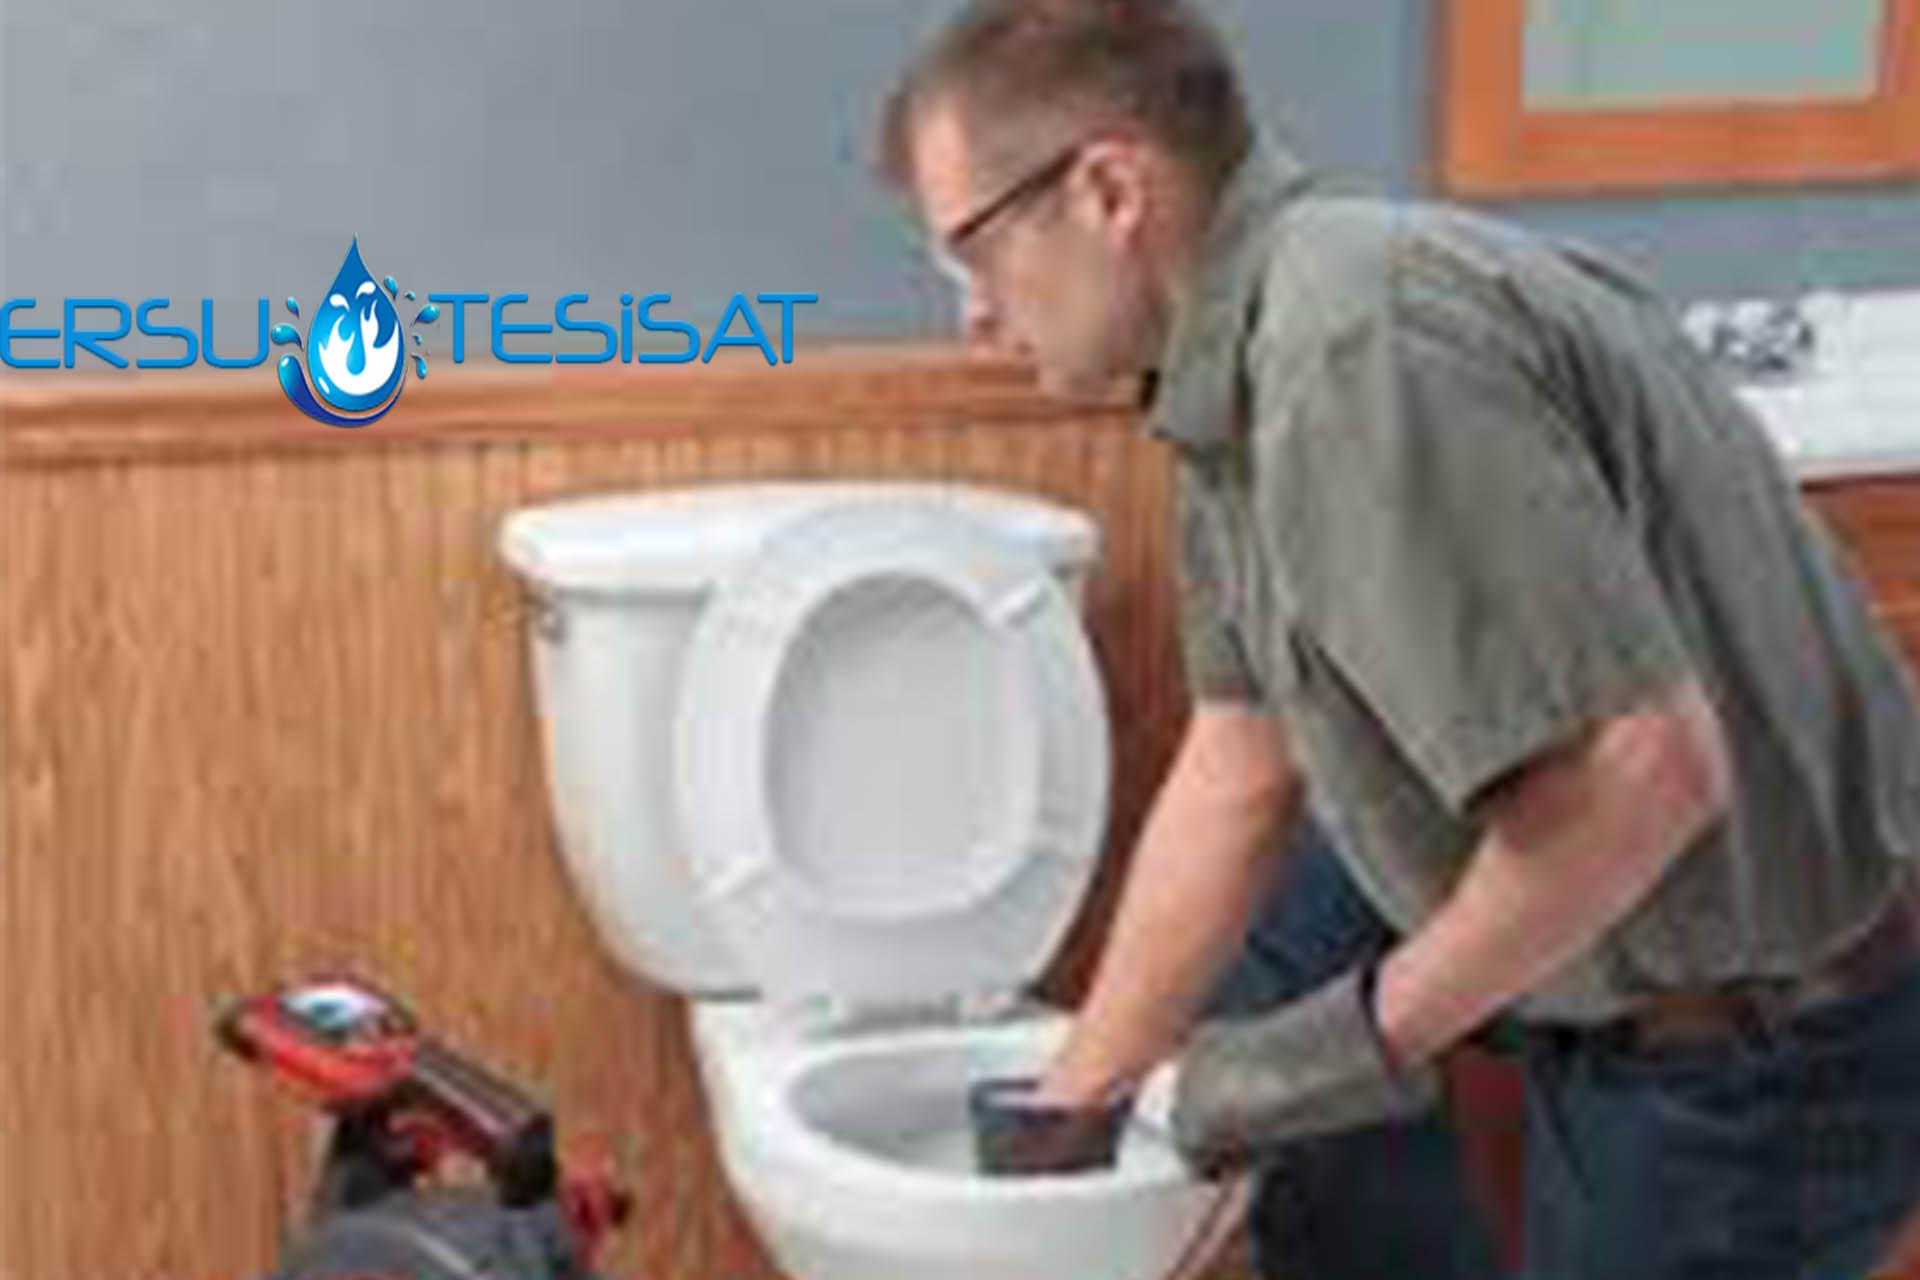 Kemalpaşa Tıkanıklık Açma, Kemalpaşa Lavabo Tıkanıklığı Açma, Kemalpaşa Gider Tıkanıklığı Açma, Kemalpaşa Tuvalet Tıkanıklığı Açma, Kemalpaşa WC Tıkanıklığı Açma